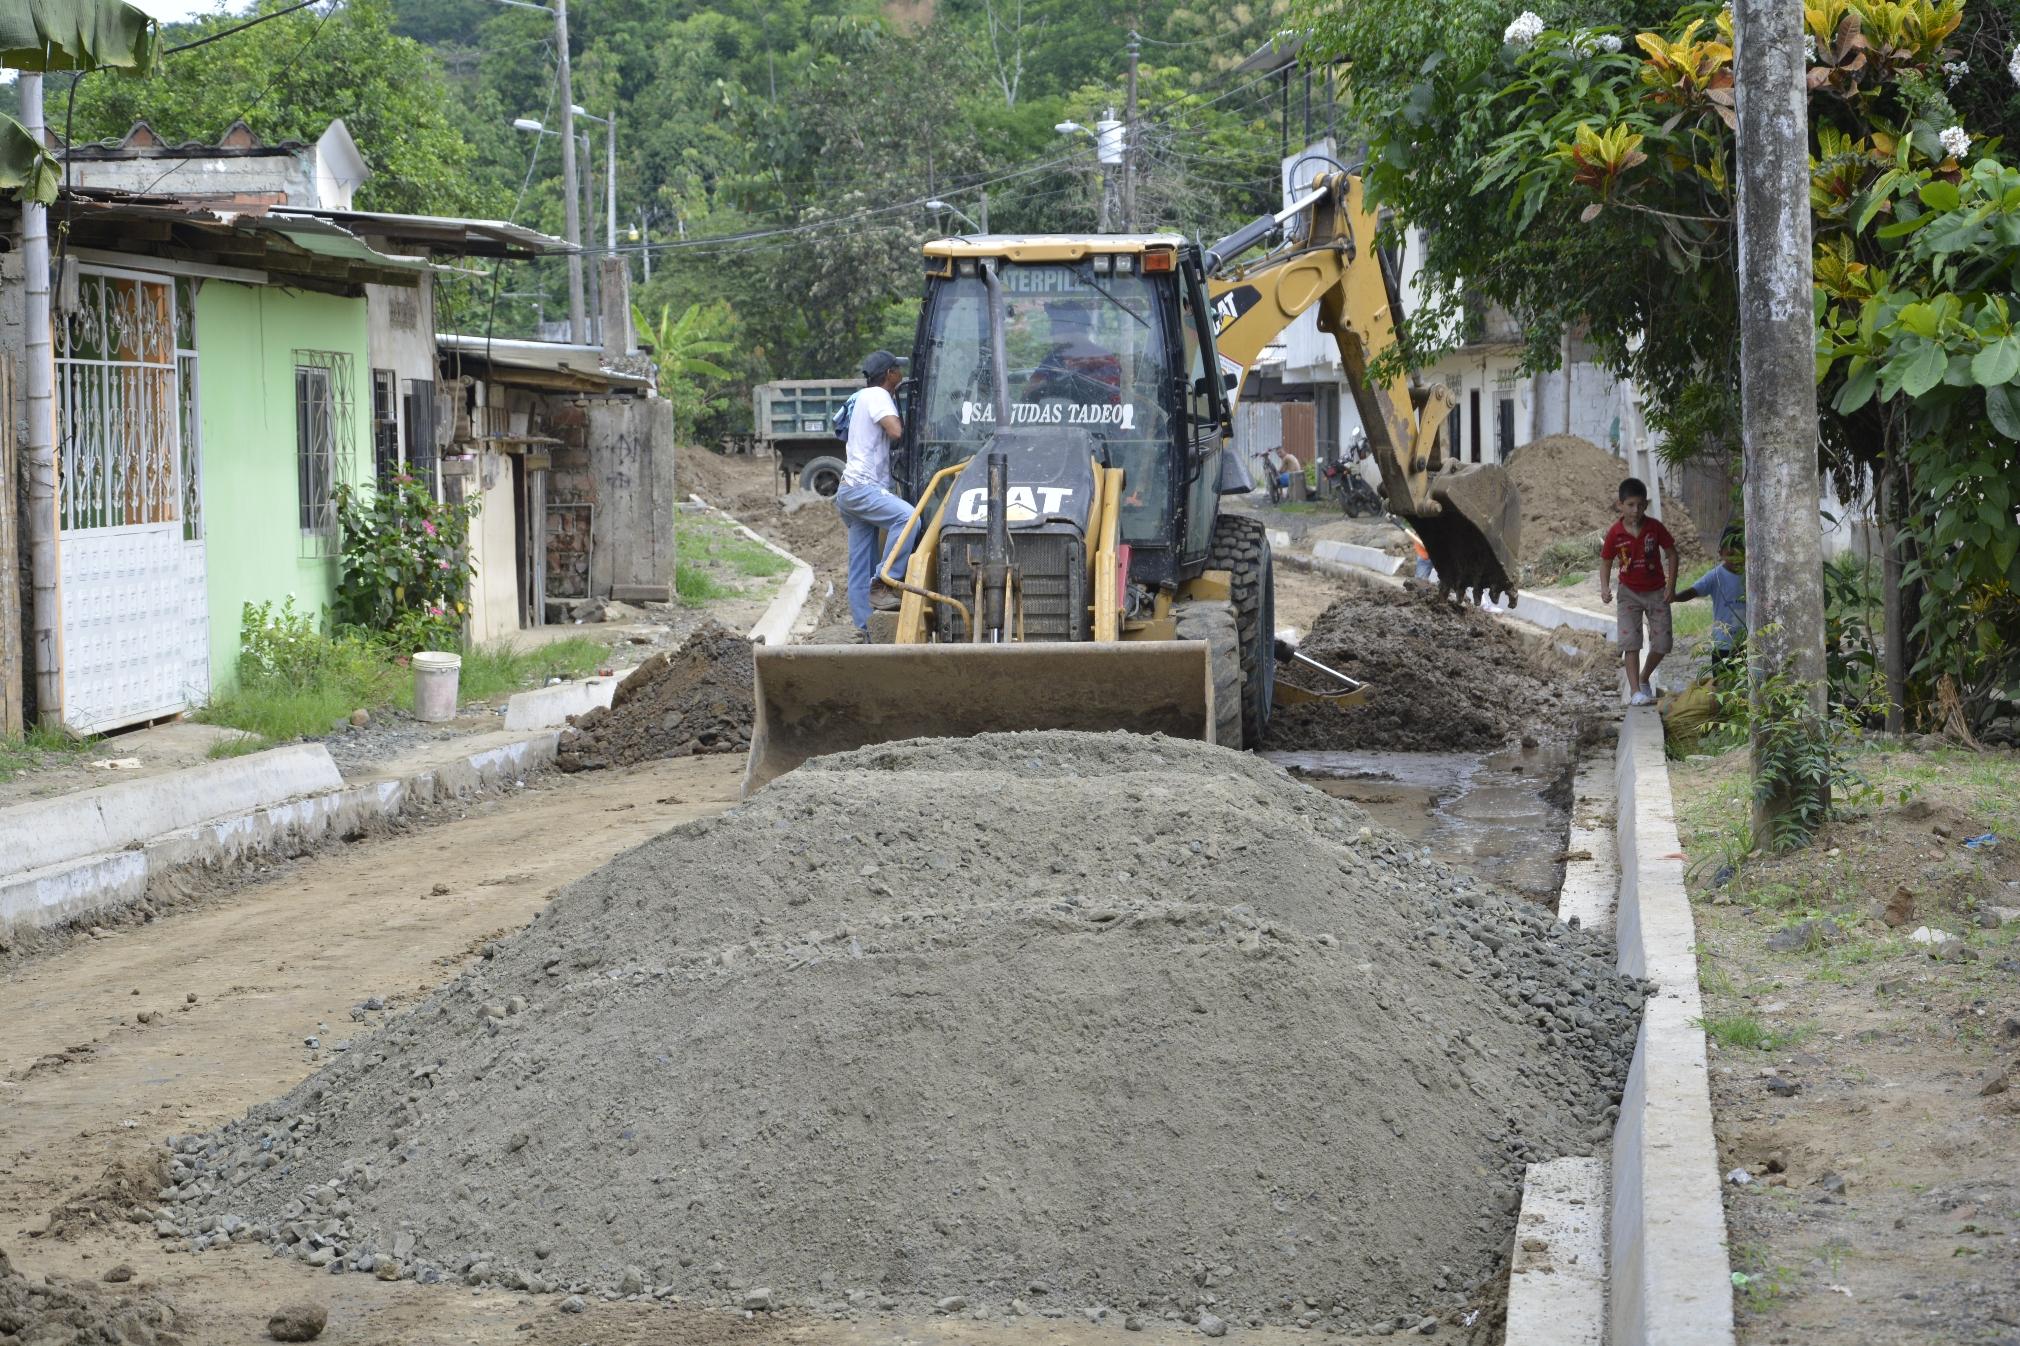 Calle S/N callejón al Río Chone barrio Agua Potable